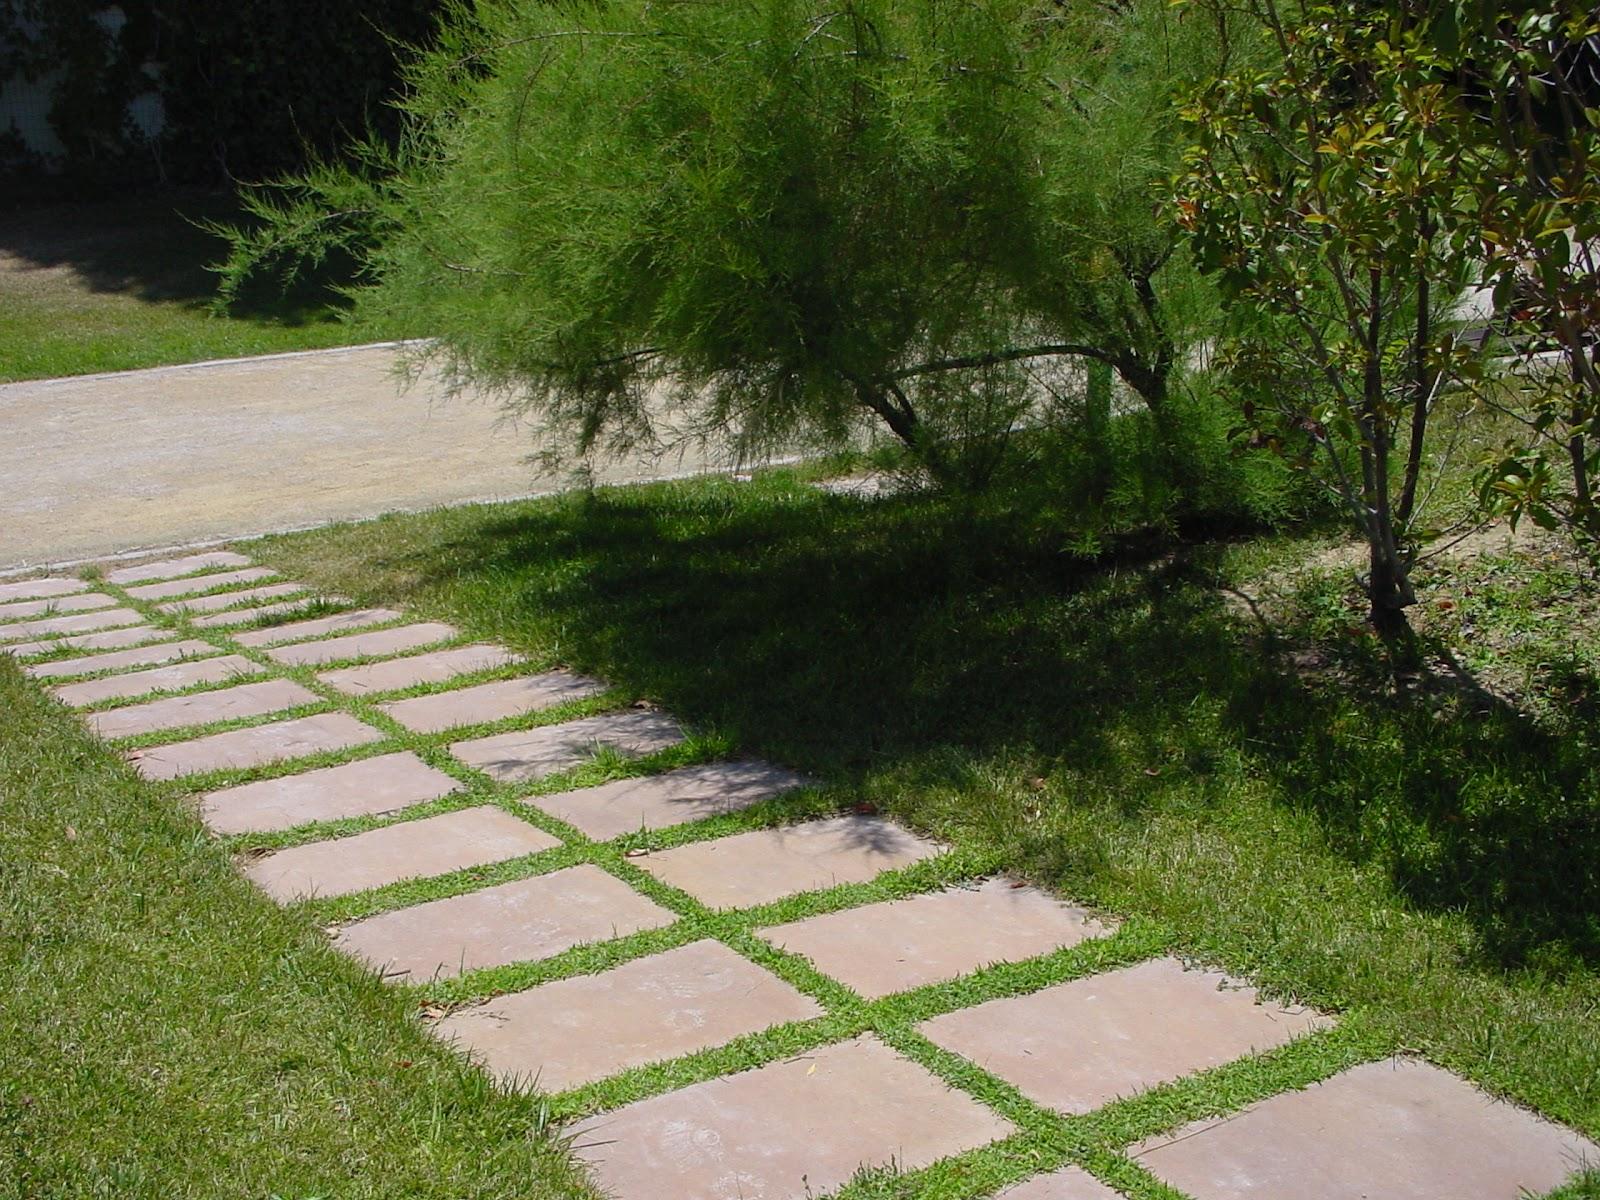 Jardineria eladio nonay jardiner a eladio nonay senderos for Baldosas para jardin baratas